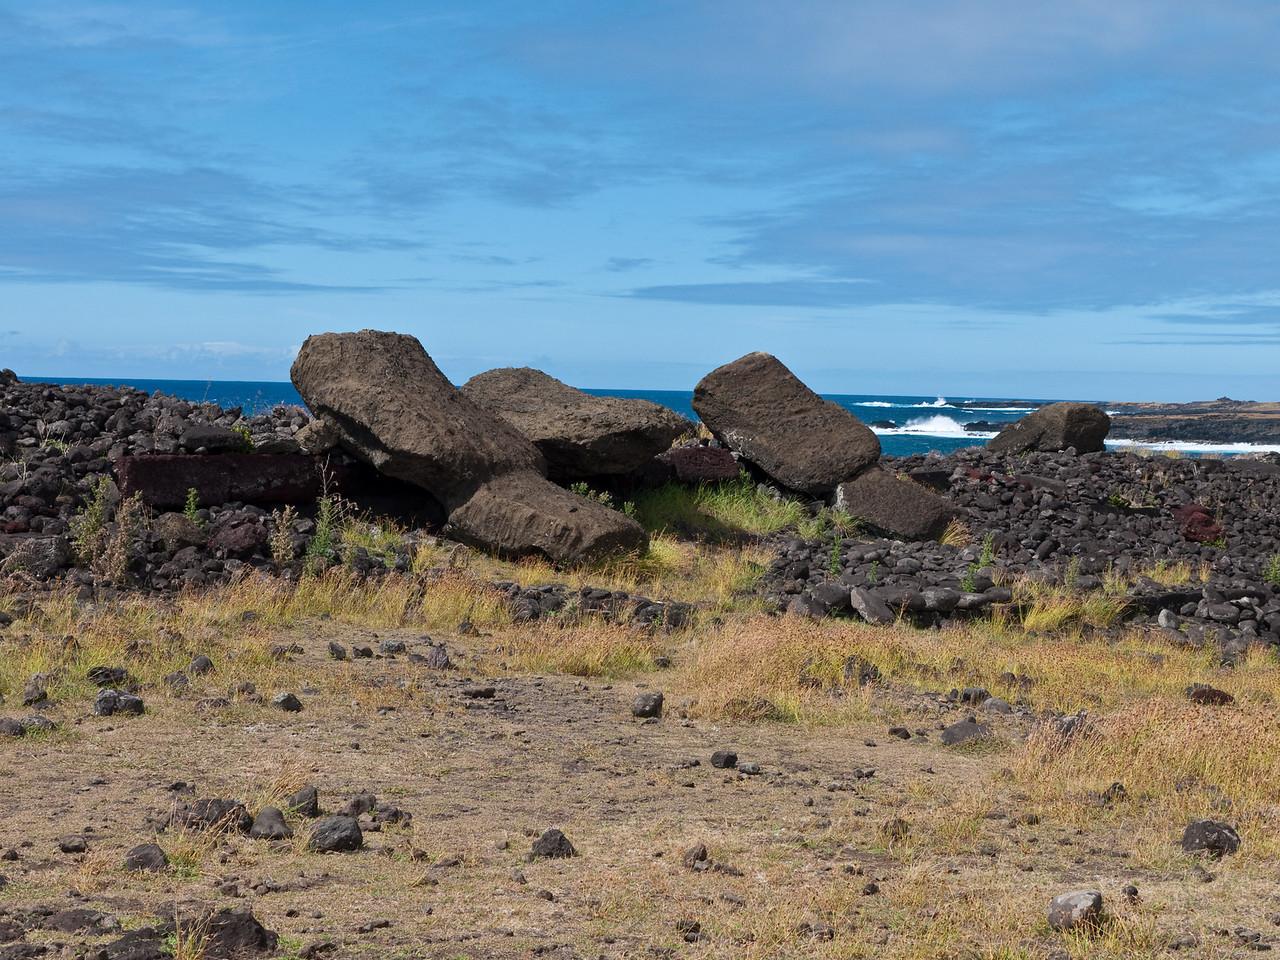 Toppled moai at Ahu Hanga Te'e